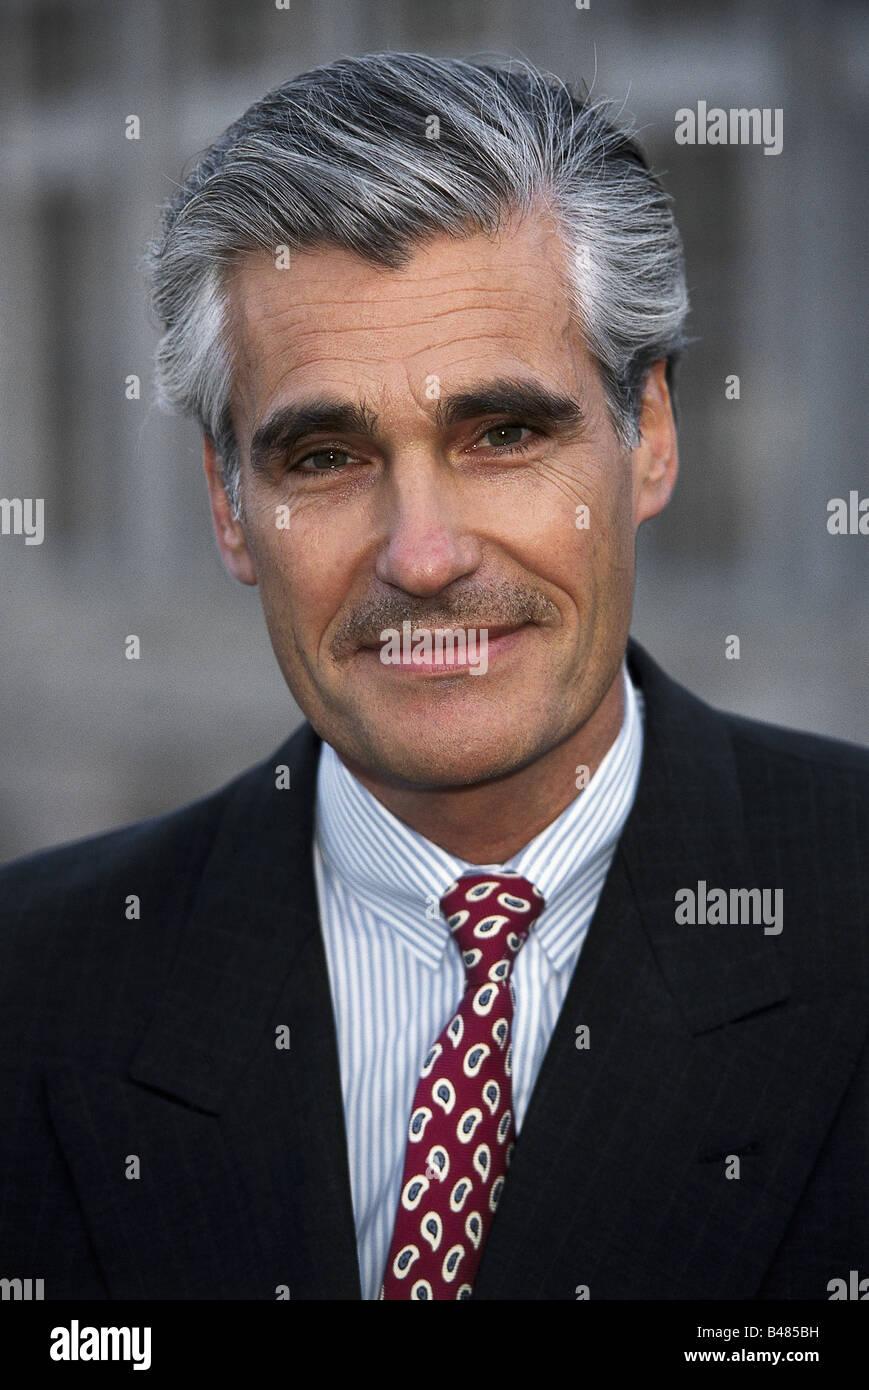 Caetano Cravat Graue Haare Männer Mann Menschen Stockfotos